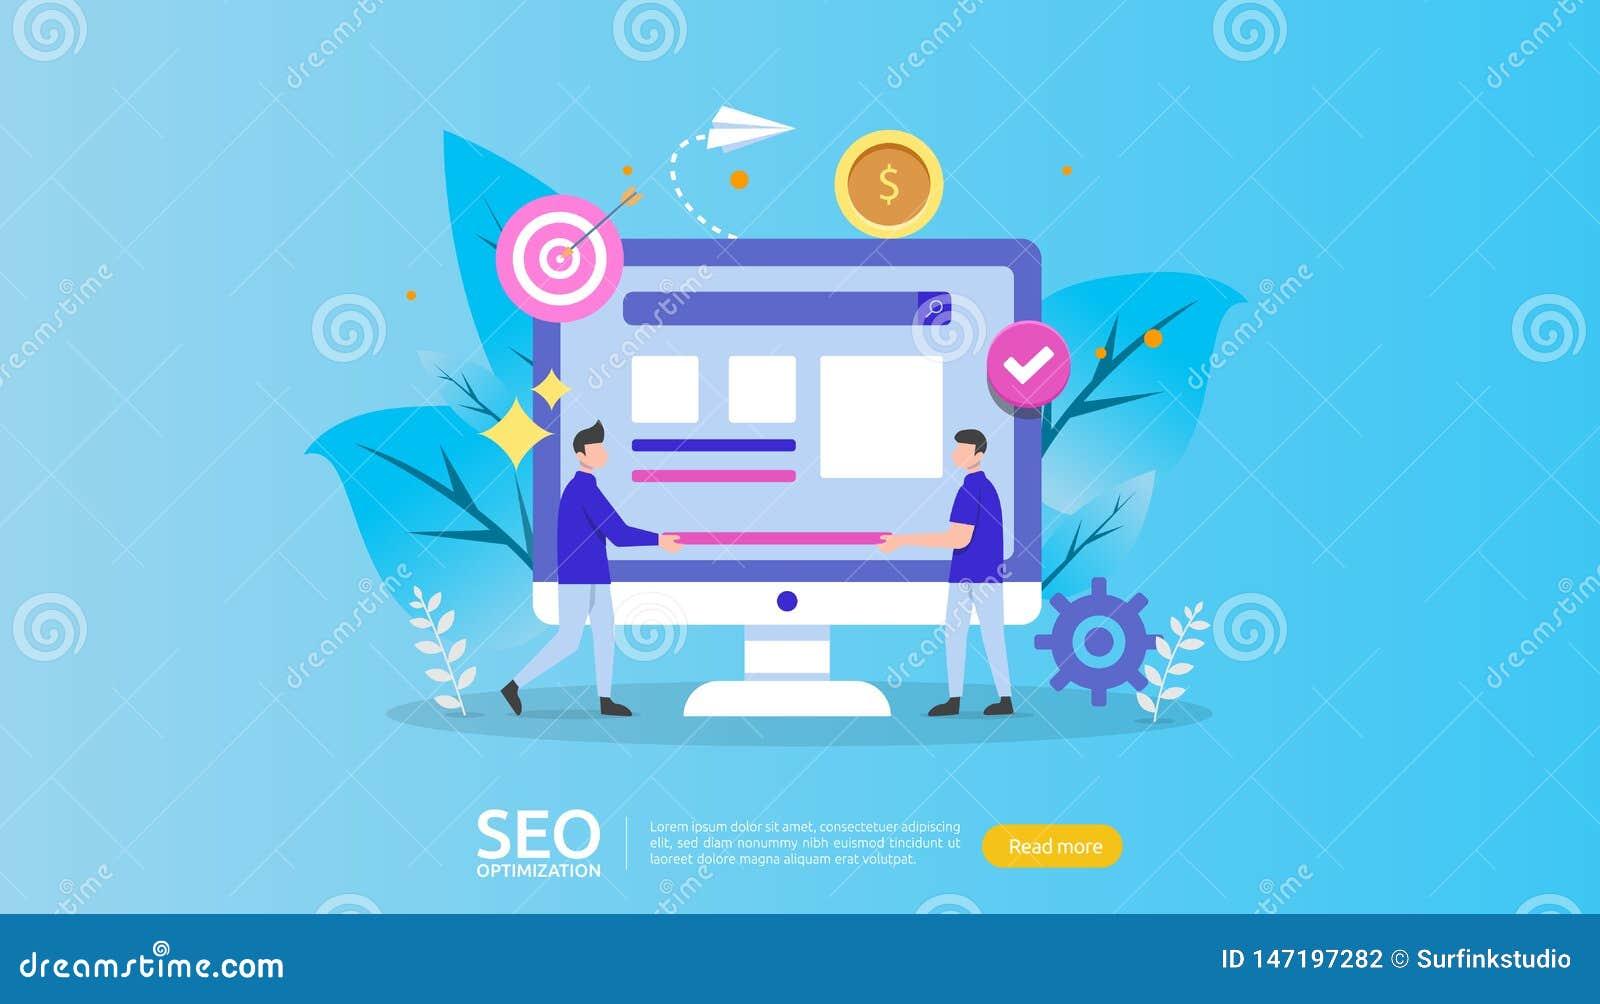 SEO wyszukiwarki optymalizacji rezultata poj?cie strona internetowa ranking, reklama, strategia pomys?u charakteru ludzie sie? de